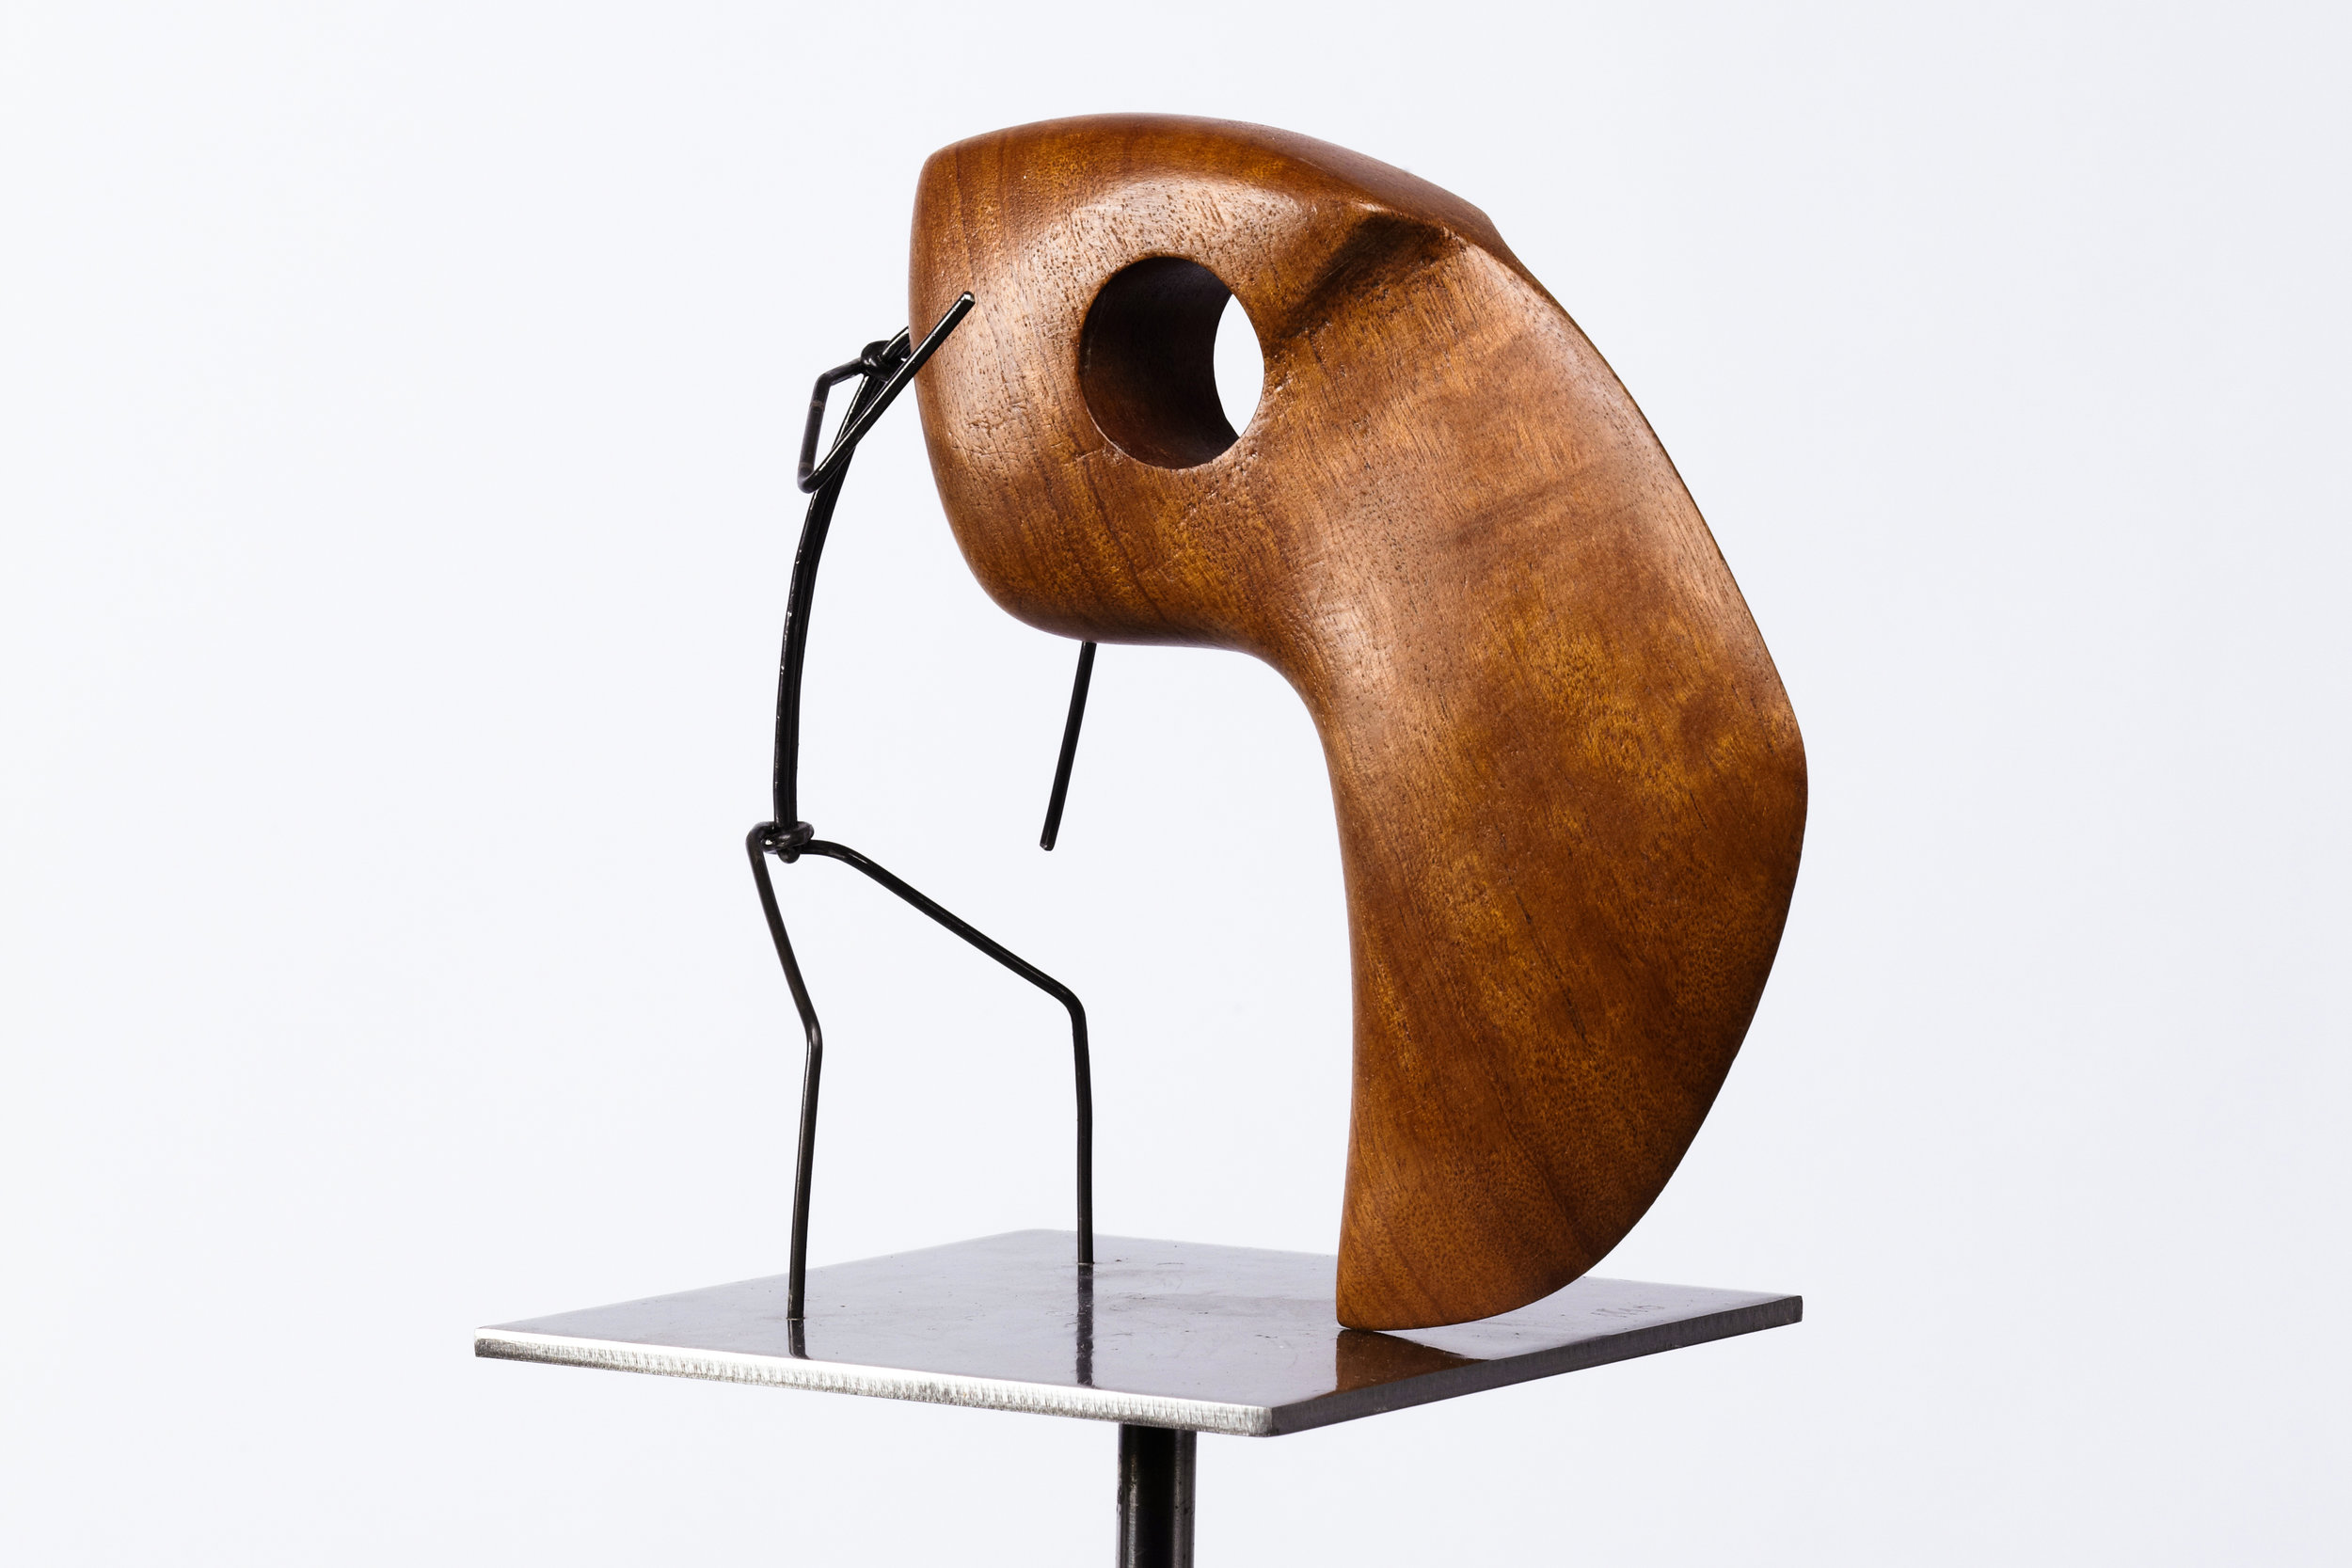 Escultura con personaje Otoko titulada –Pajarraco Otoko-, creada por Antoni Yranzo en el año 2011 en su estudio-taller de Barcelona